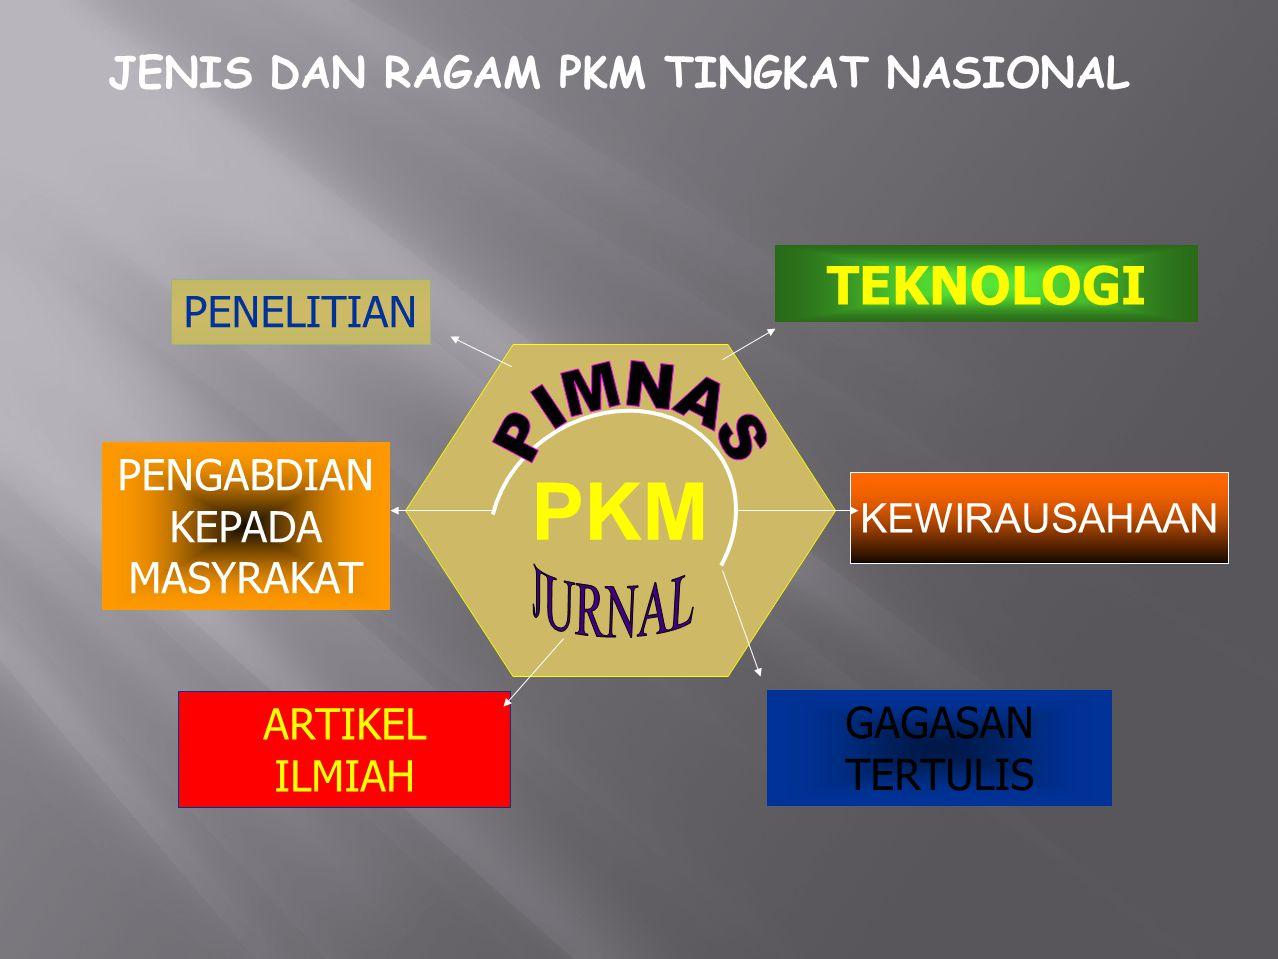  Pilih masalah aktual, hangat, relevan dan mendesak untuk dipecahkan 3 Kaitkan dengan bidang PKMT yang ada untuk mencari solusinya Sedapat mungkin bermanfaat langsung bagi masyarakat kecil